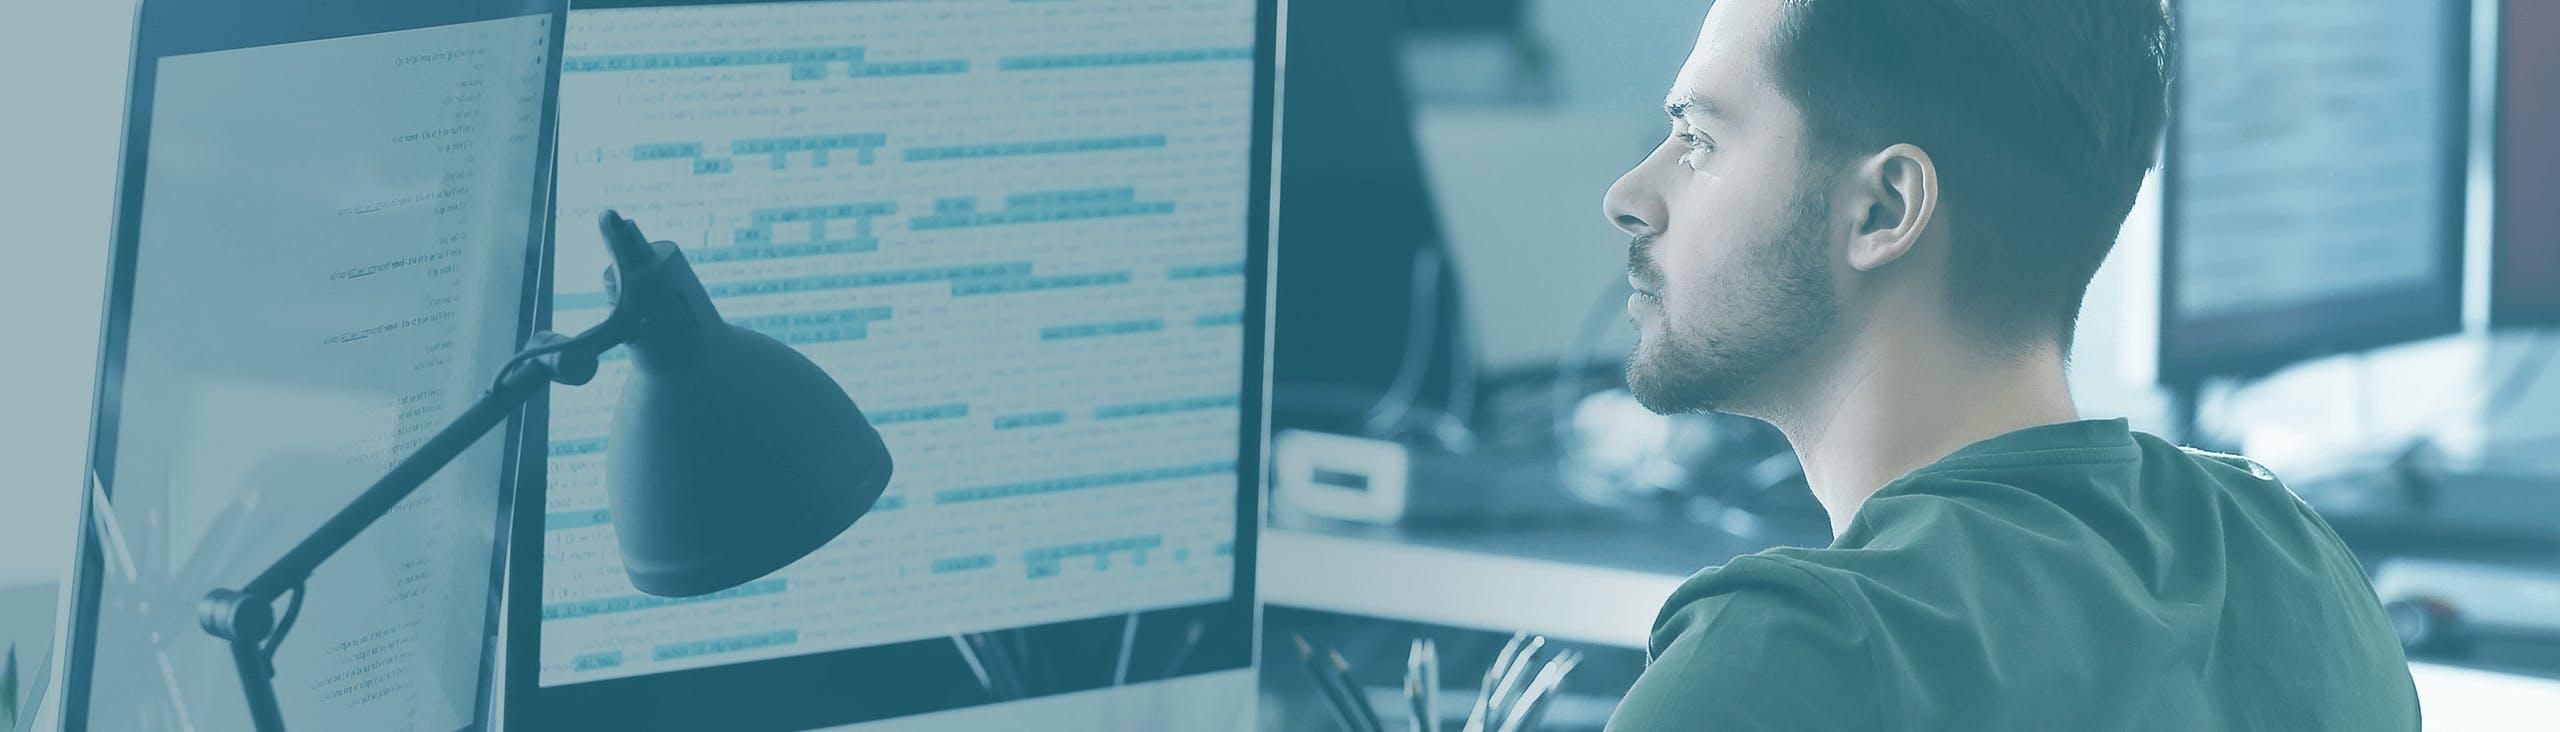 jobs digando software developer